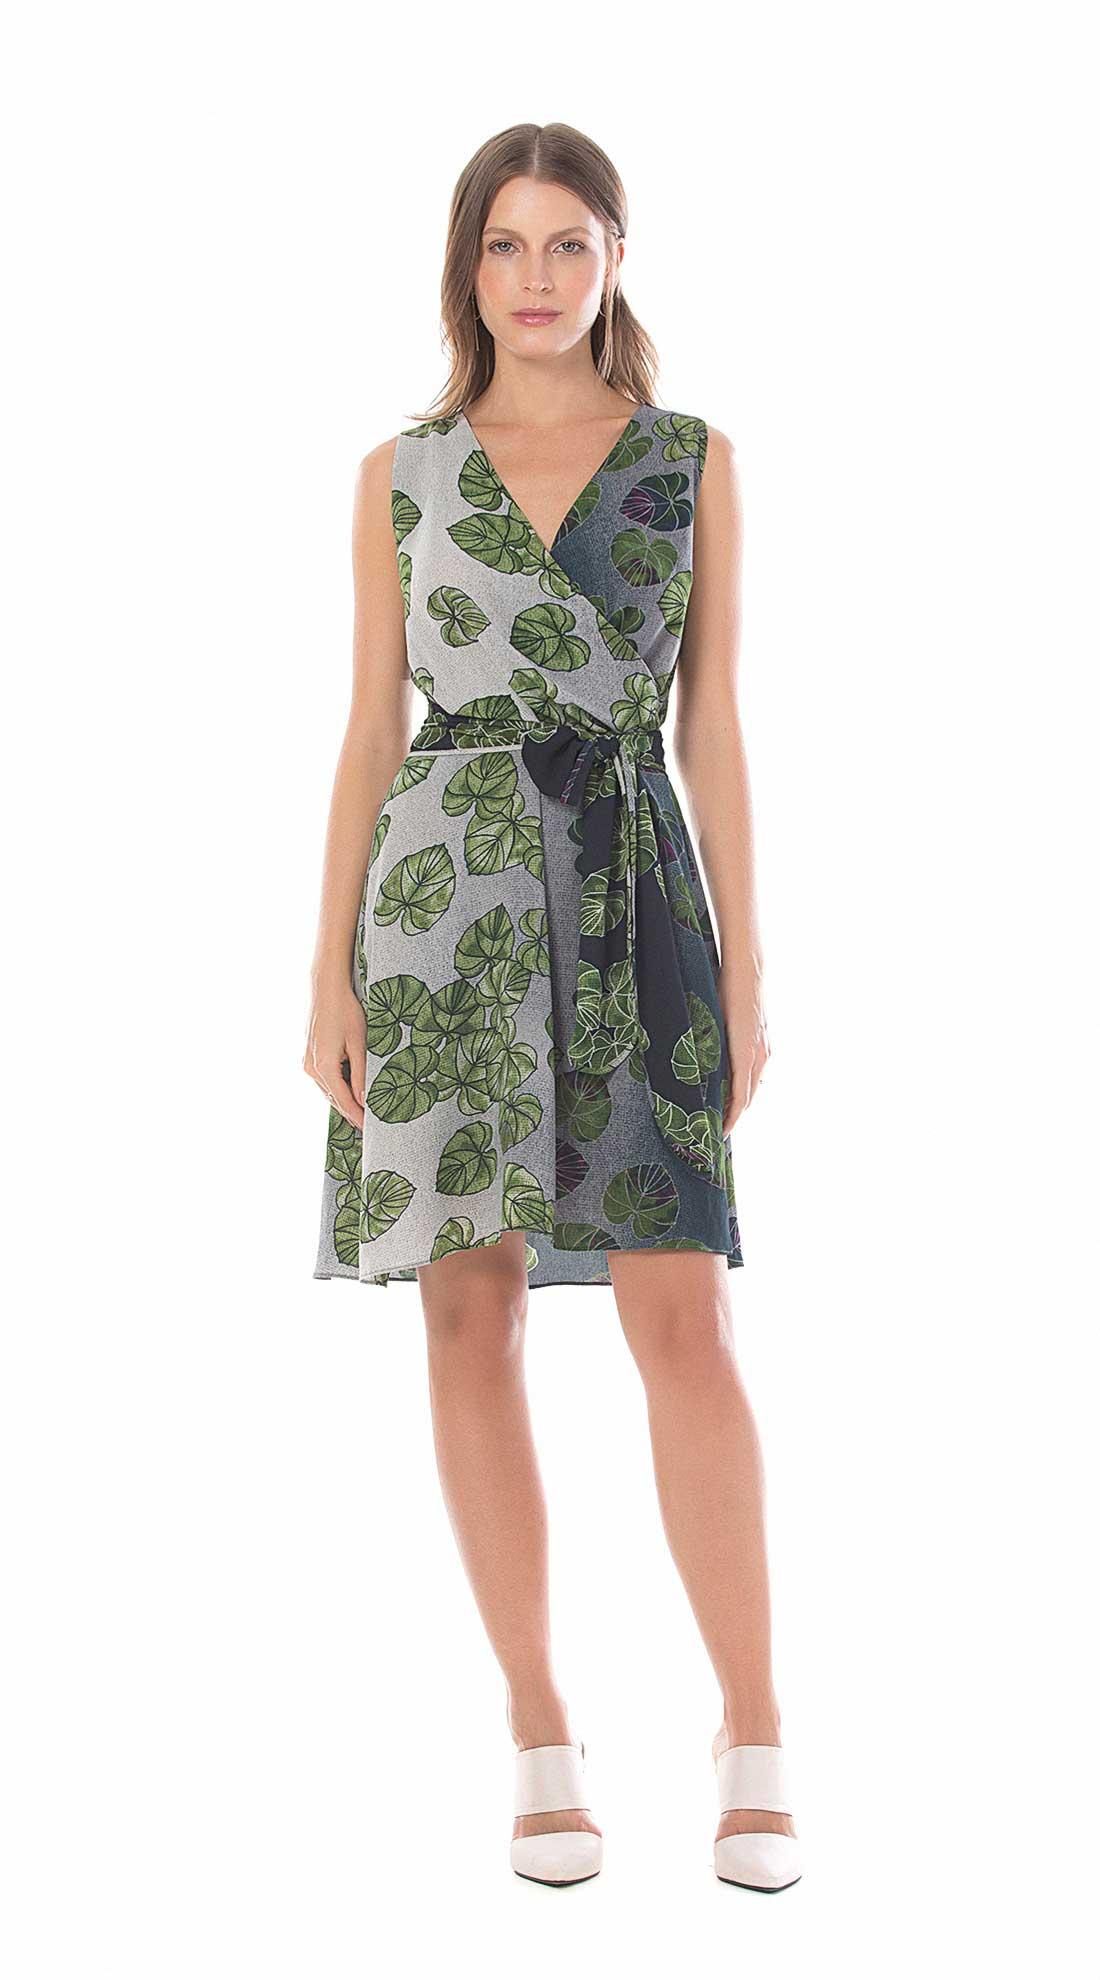 4716555af9 Maria Valentina · Vestidos · Vestido Curto Decote Transpassado Com Faixa  Verde